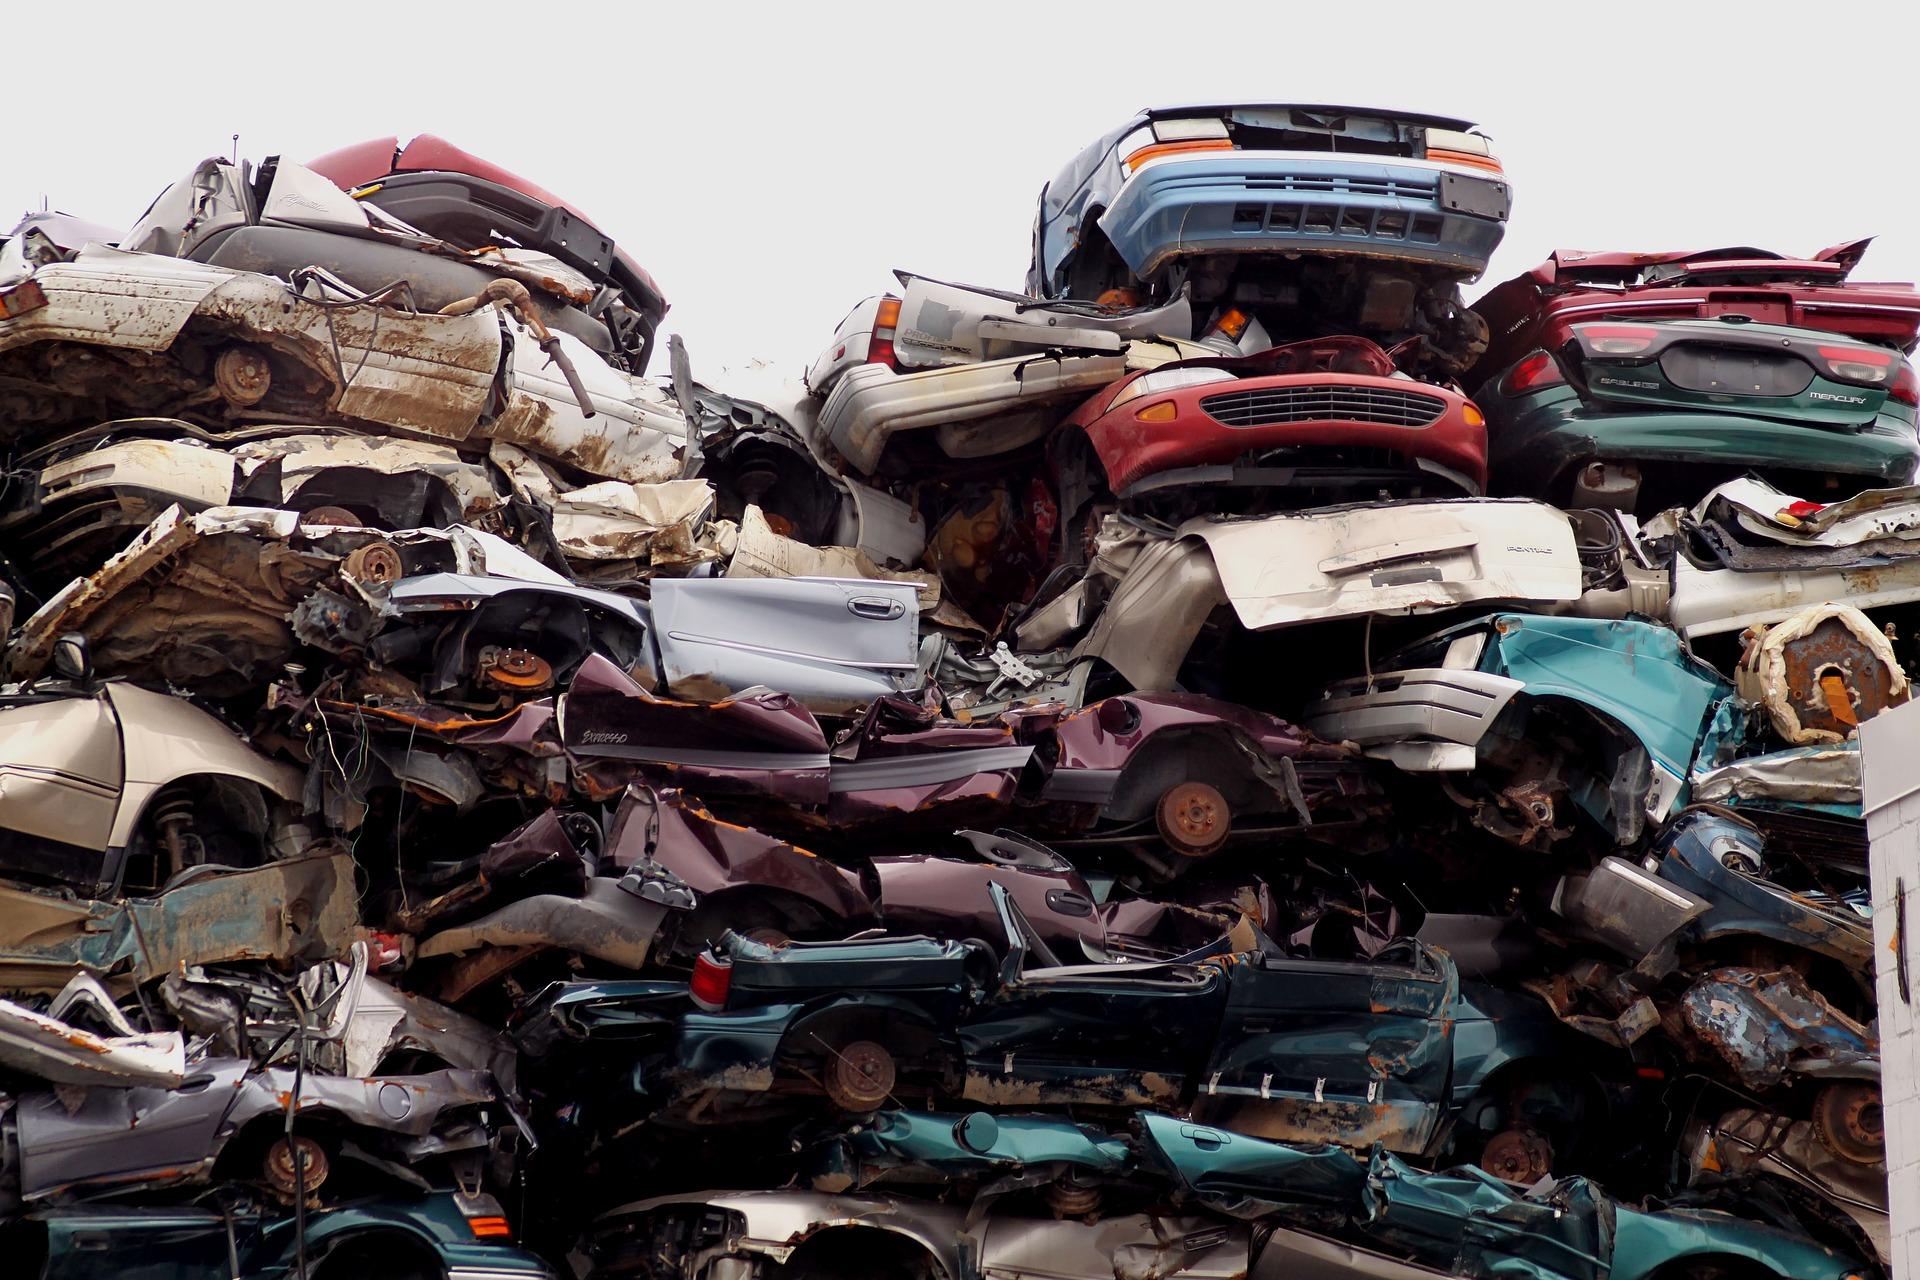 Zdjęcie złomowiska samochodowego